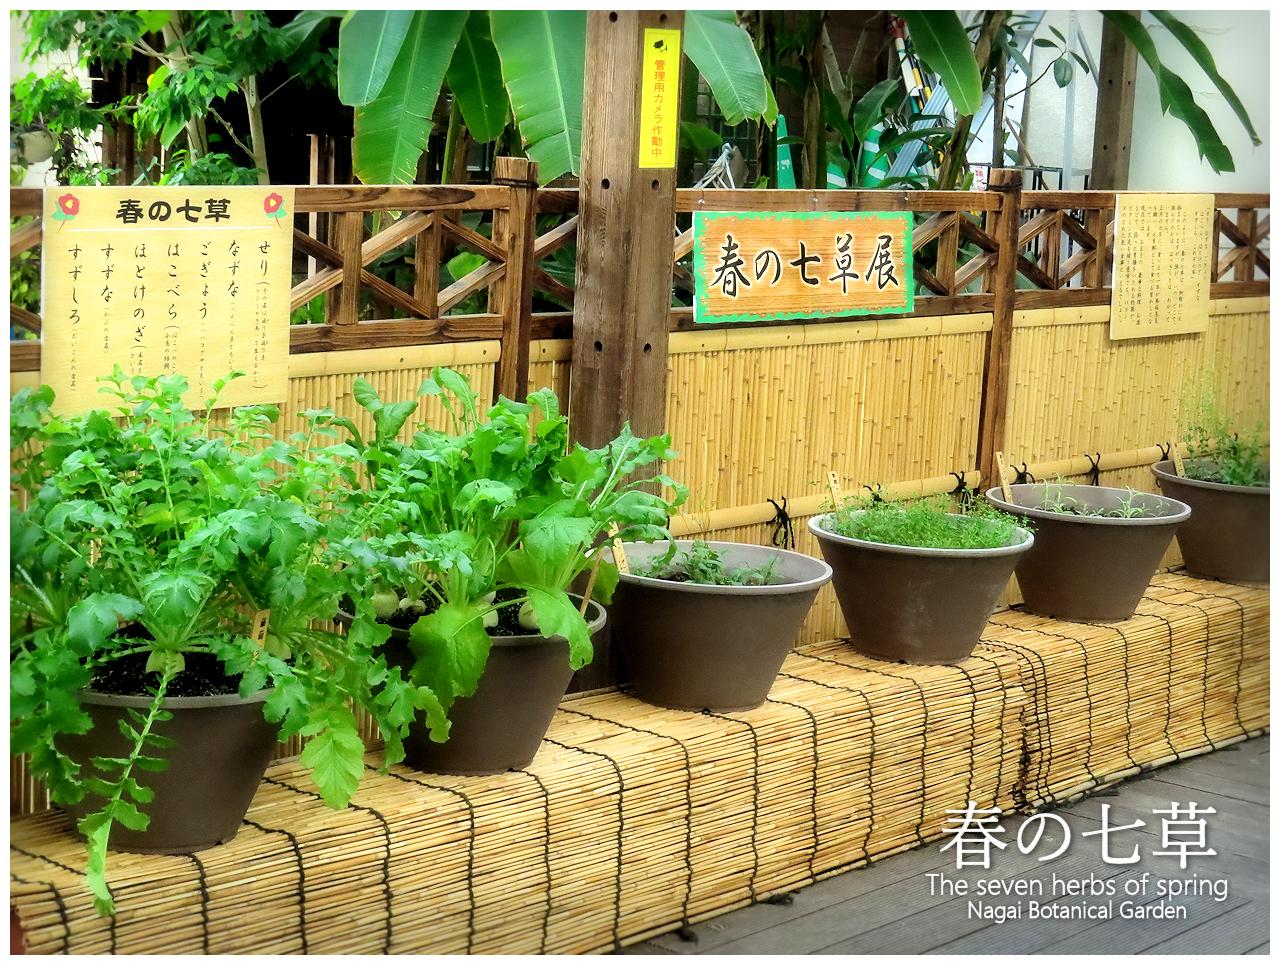 春の七草 The seven herbs of spring